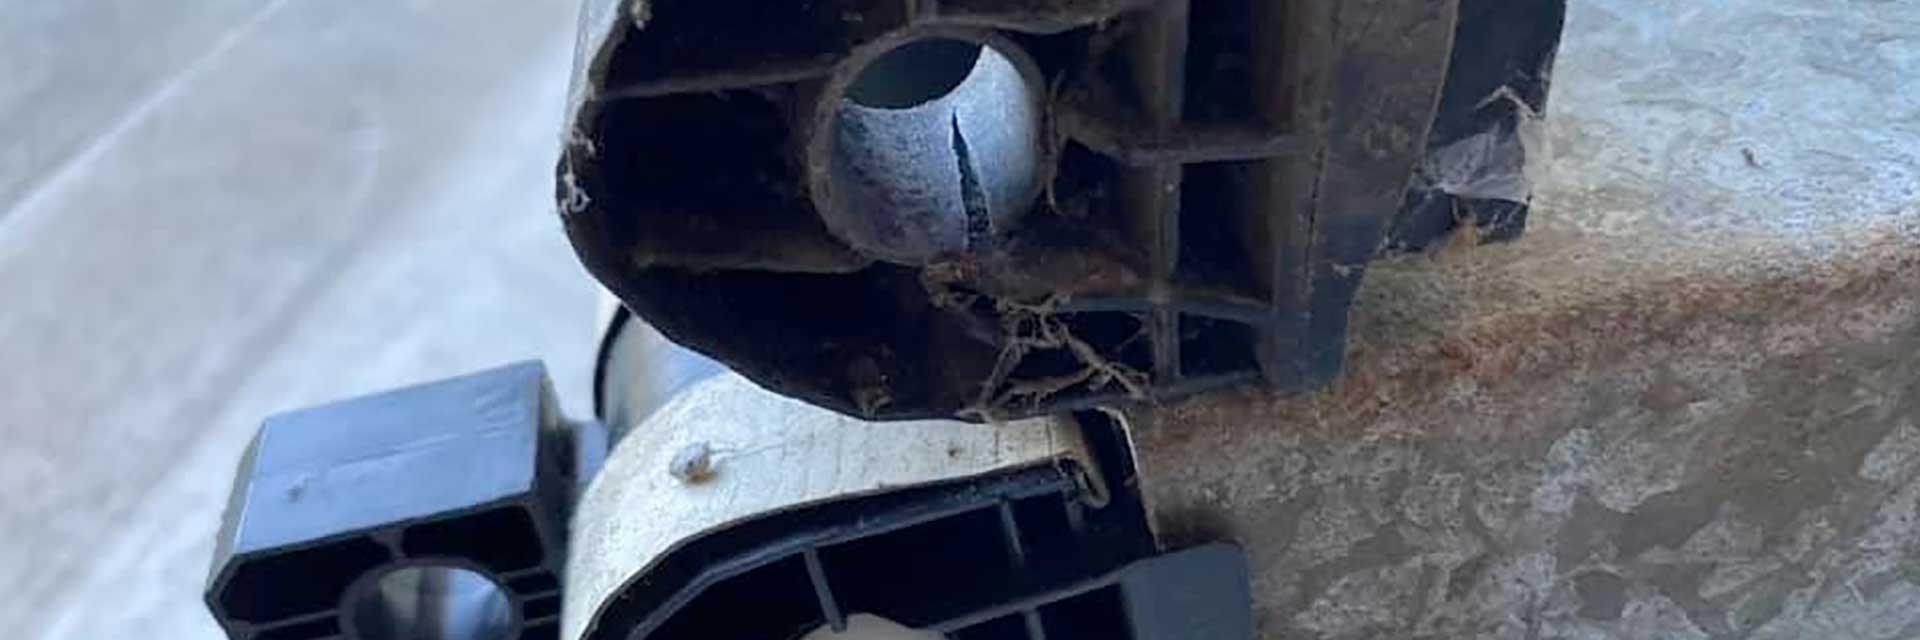 garage-door-replacement-parts-melbourne